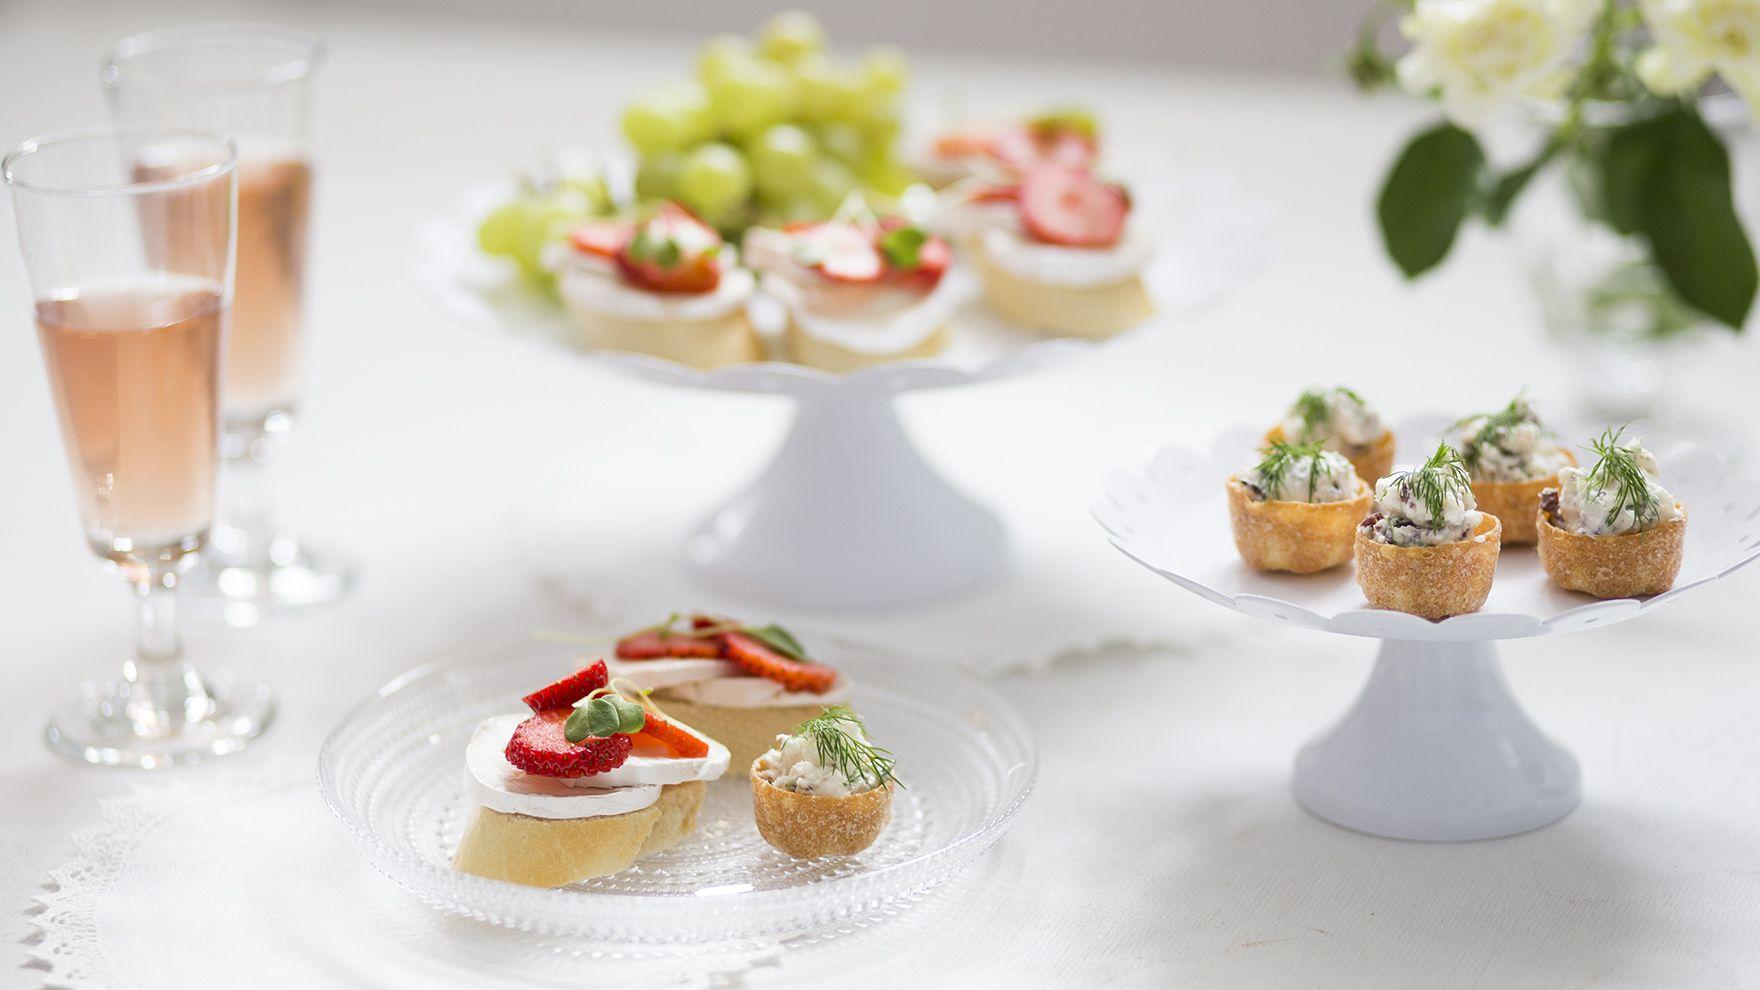 Juhlat edessä ja ideat lopussa? Poimi juhlapöytään kevään kymmenen houkuttelevinta cocktailpalasuosikkia.